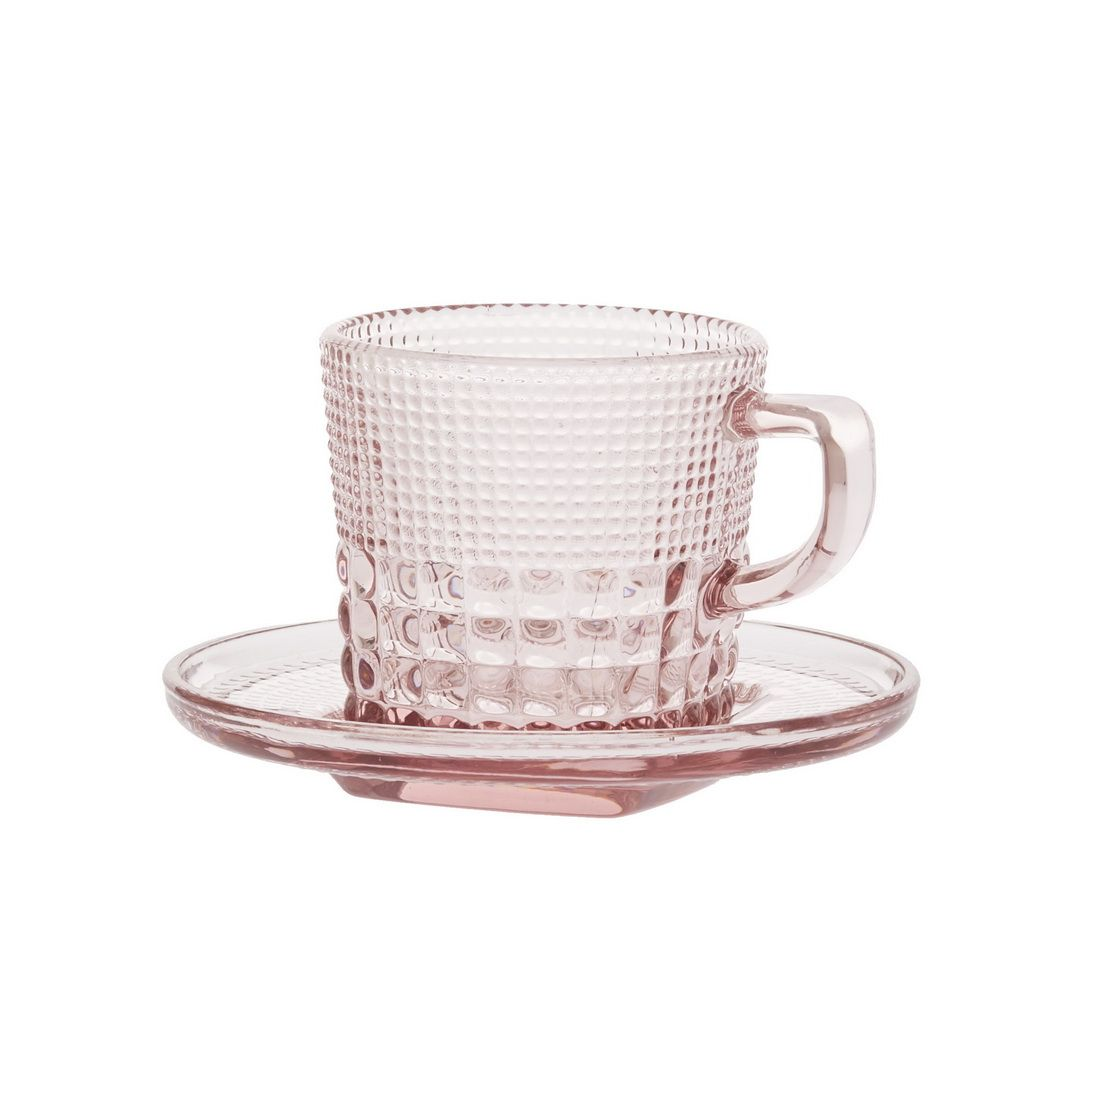 Чашка с блюдцем кофейная Royal drops, розовыйЧашка с блюдцем кофейная Роял дропс представляет собой стильную пару в оригинальном и ярком дизайне. Она станет настоящим украшением вашего стола и подойдет как для повседневного использования, так и для торжественных случаев, для дома и офиса, а также для кафе и баров. Модель выполнена из усиленного цветного стекла с необычным рельефным декором. Толстое стекло эффективно сохраняет первоначальную температуру напитка. Оптимальный объем модели подойдет как для эспрессо, так для американо. Чашка с блюдцем кофейная Роял дропс – лучший выбор для ценителей кофе и чаепитий.<br>